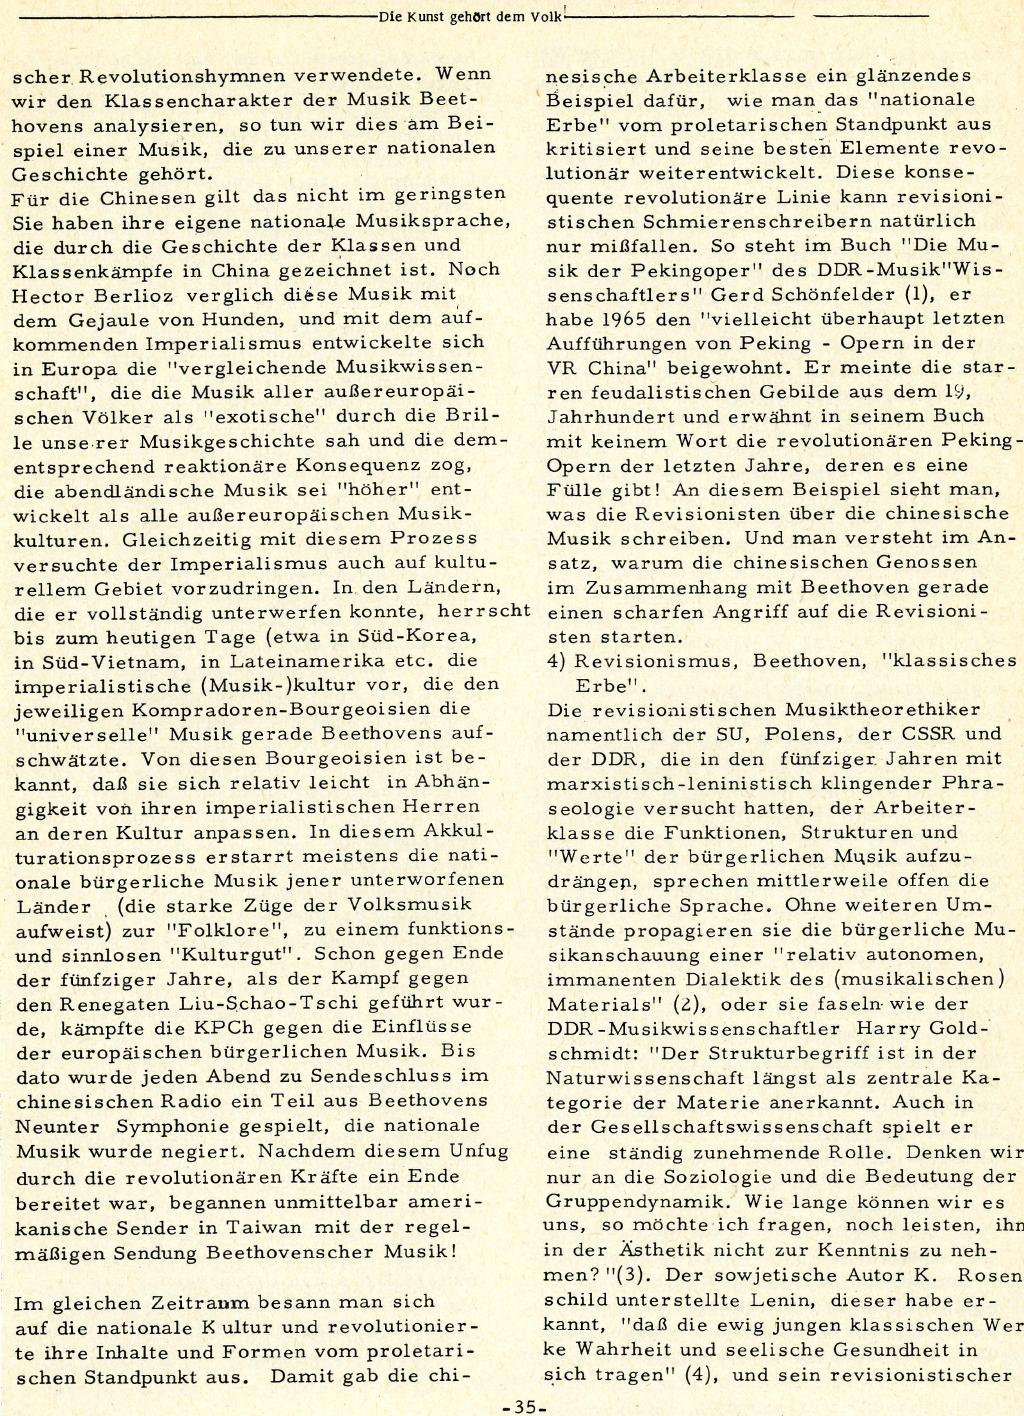 RPK_1974_09_10_35